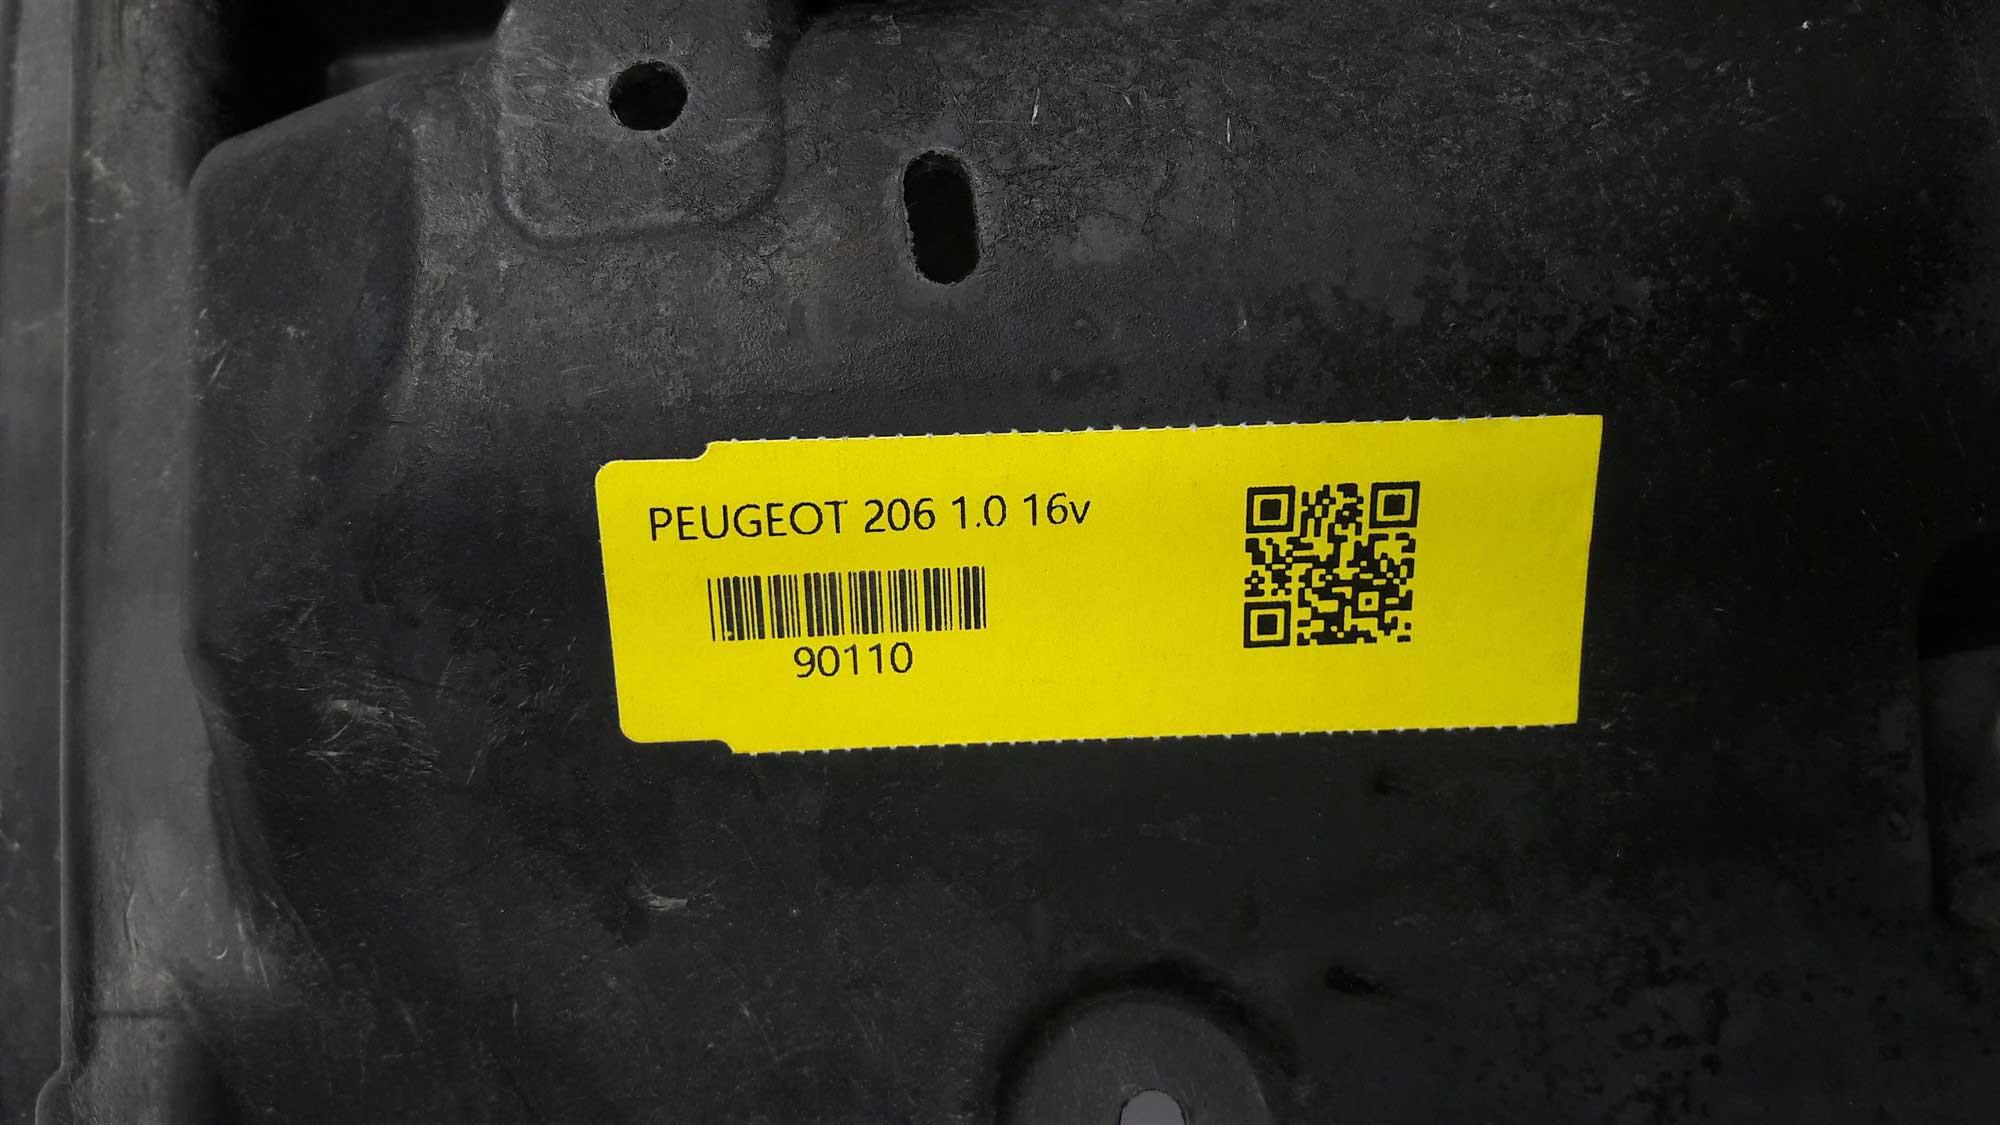 PAINEL FRONTAL QUADRO RADIADOR PEUGEOT 206 207 1.0 1.4 COM AR CONDICIONADO ORIGINAL